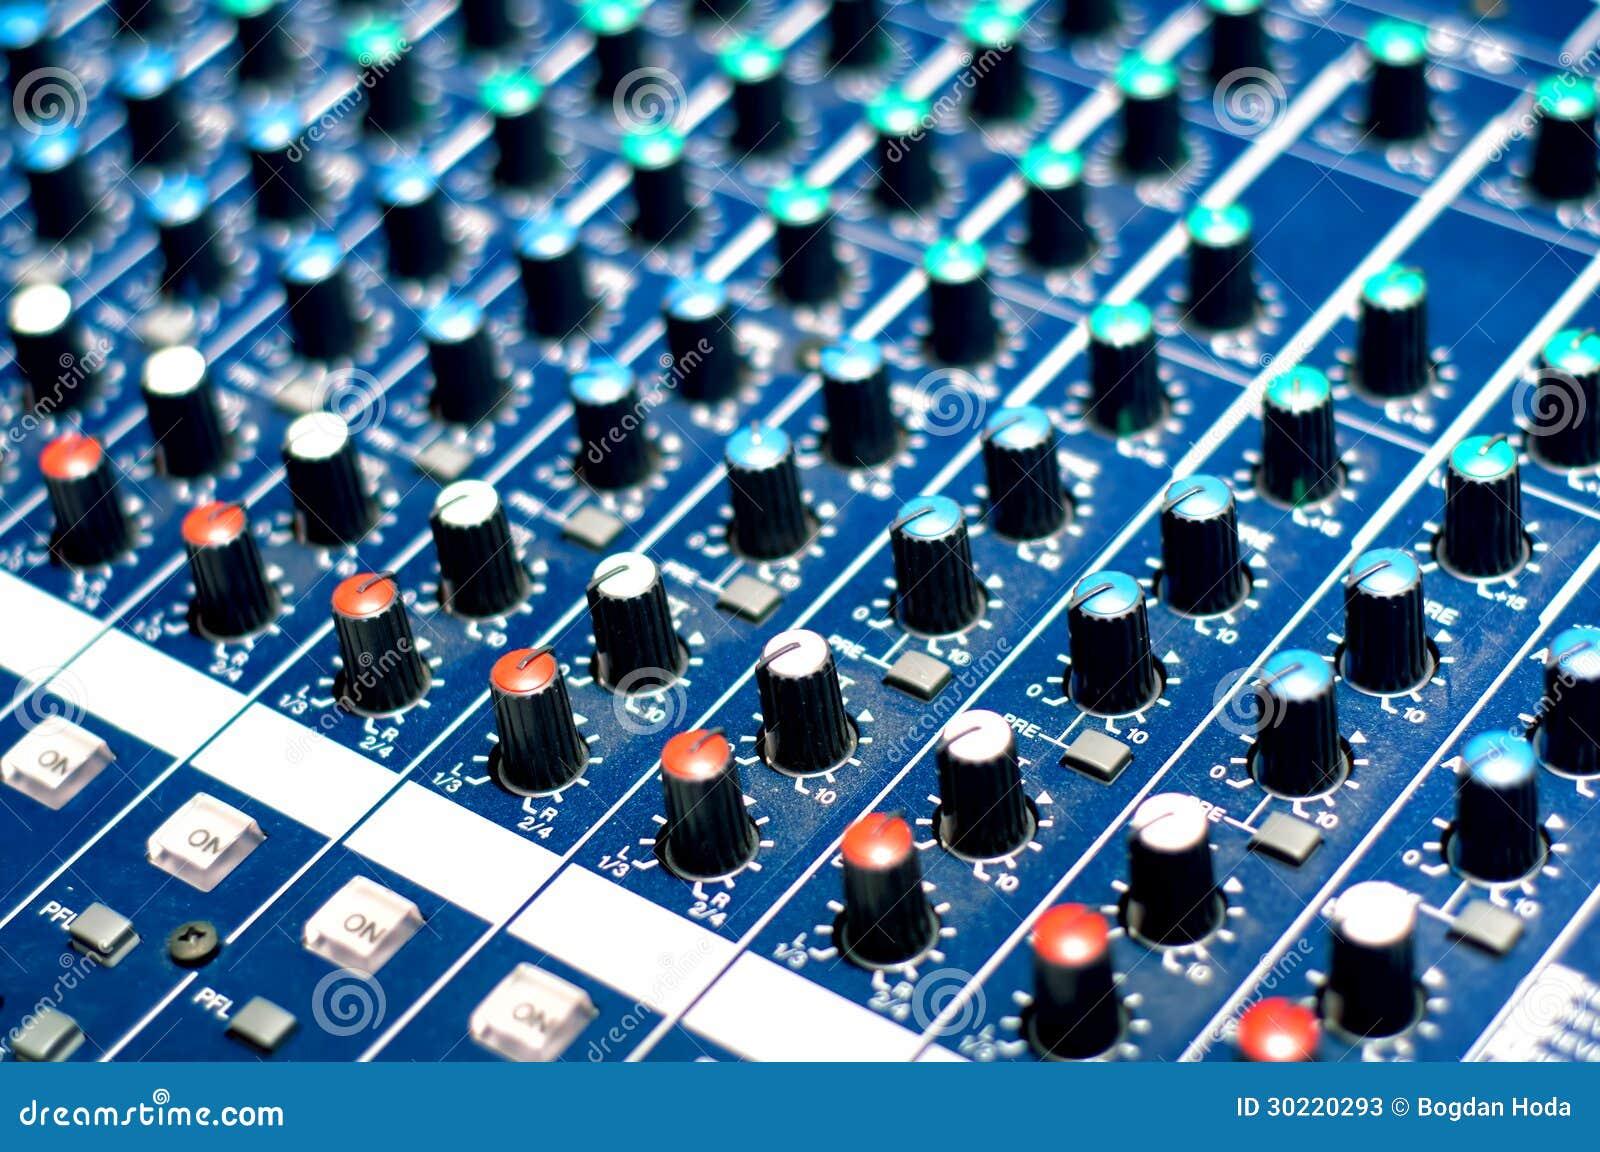 Modern audio music mixer buttons